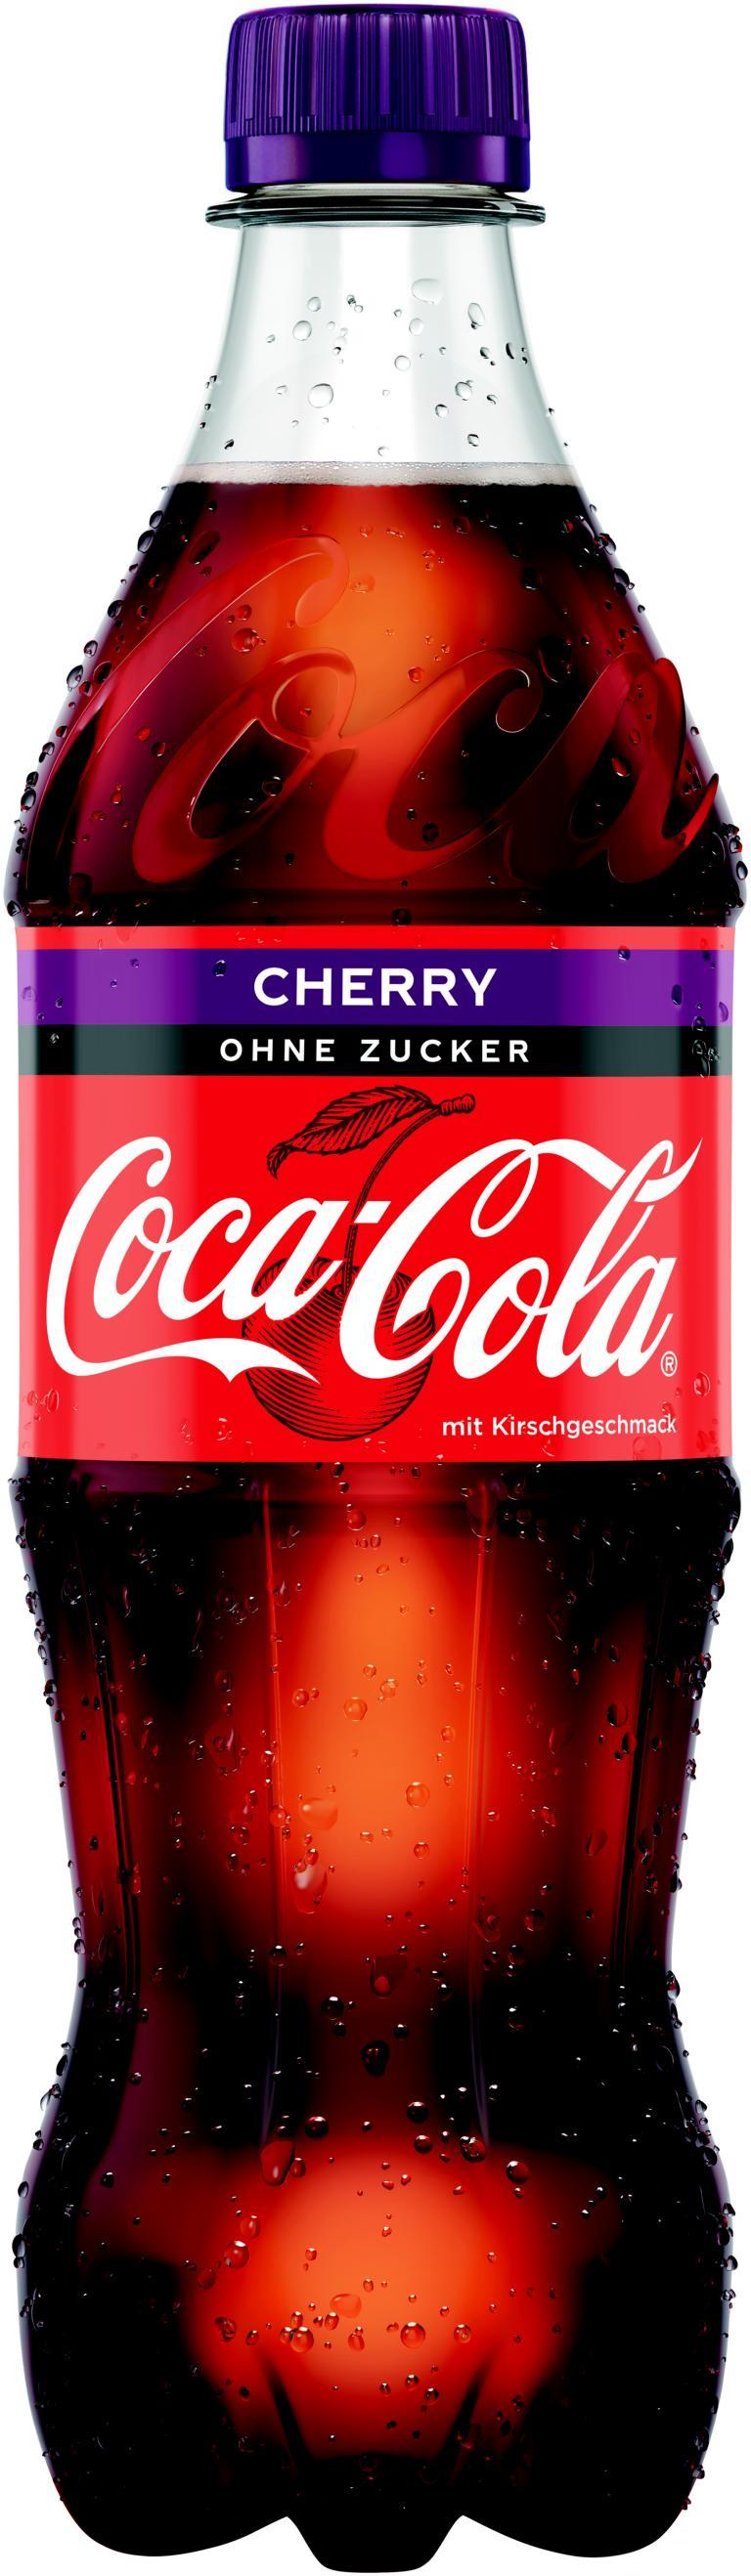 Coca Cola Cherry 12x0,5 l